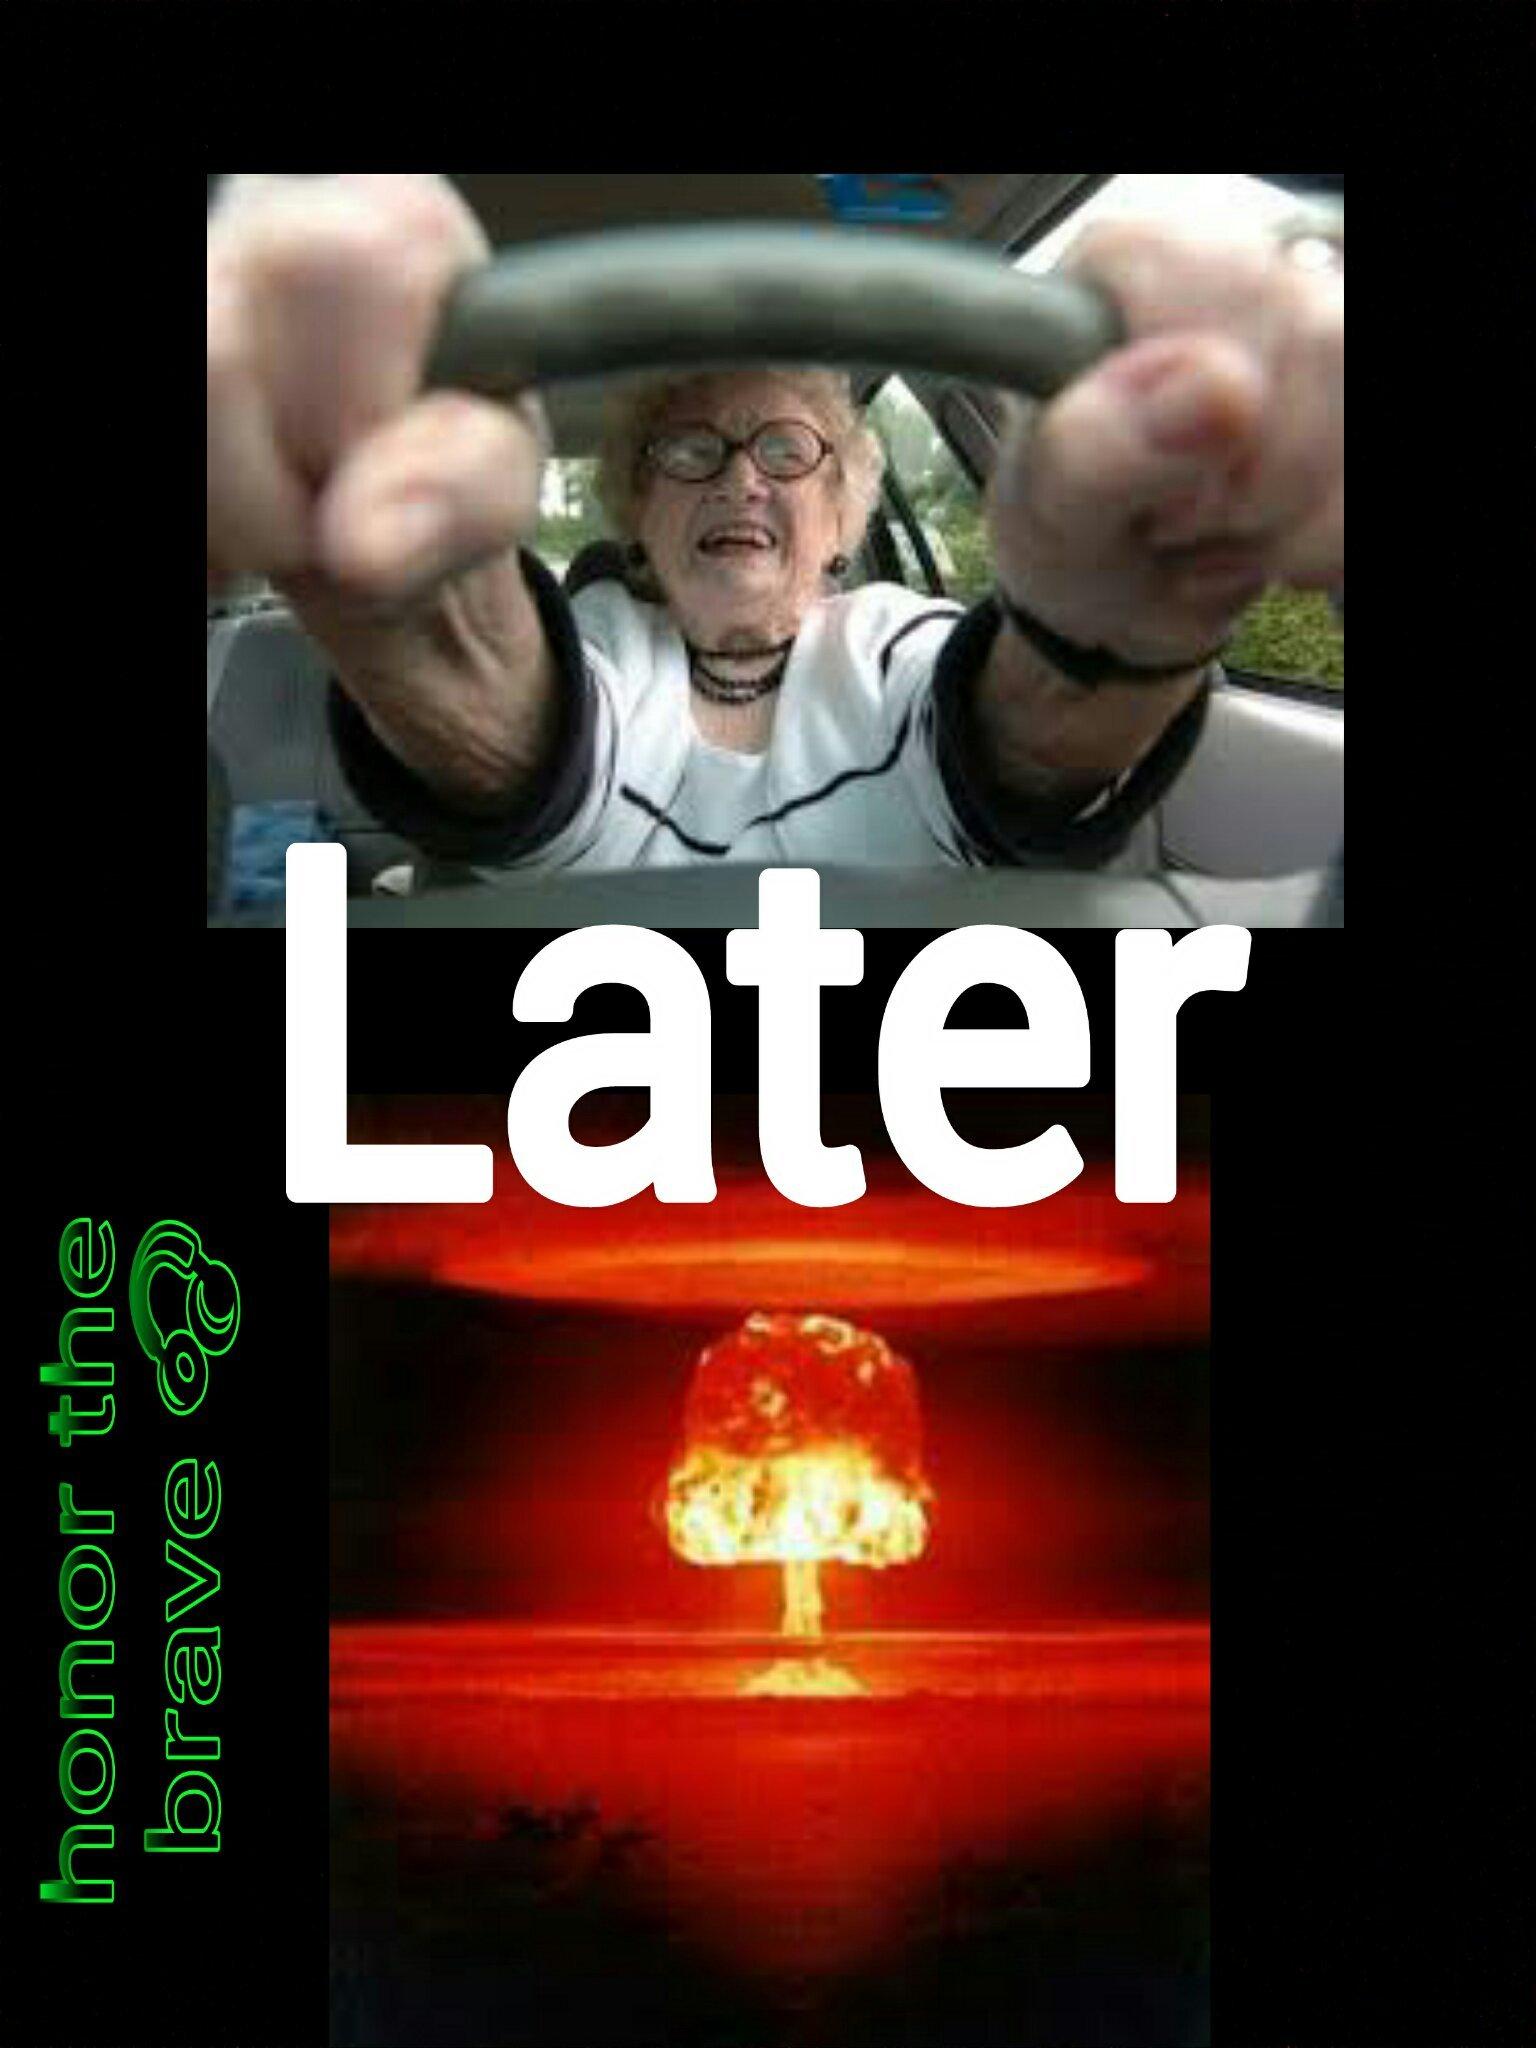 Anziani al volante pericolo costante - meme